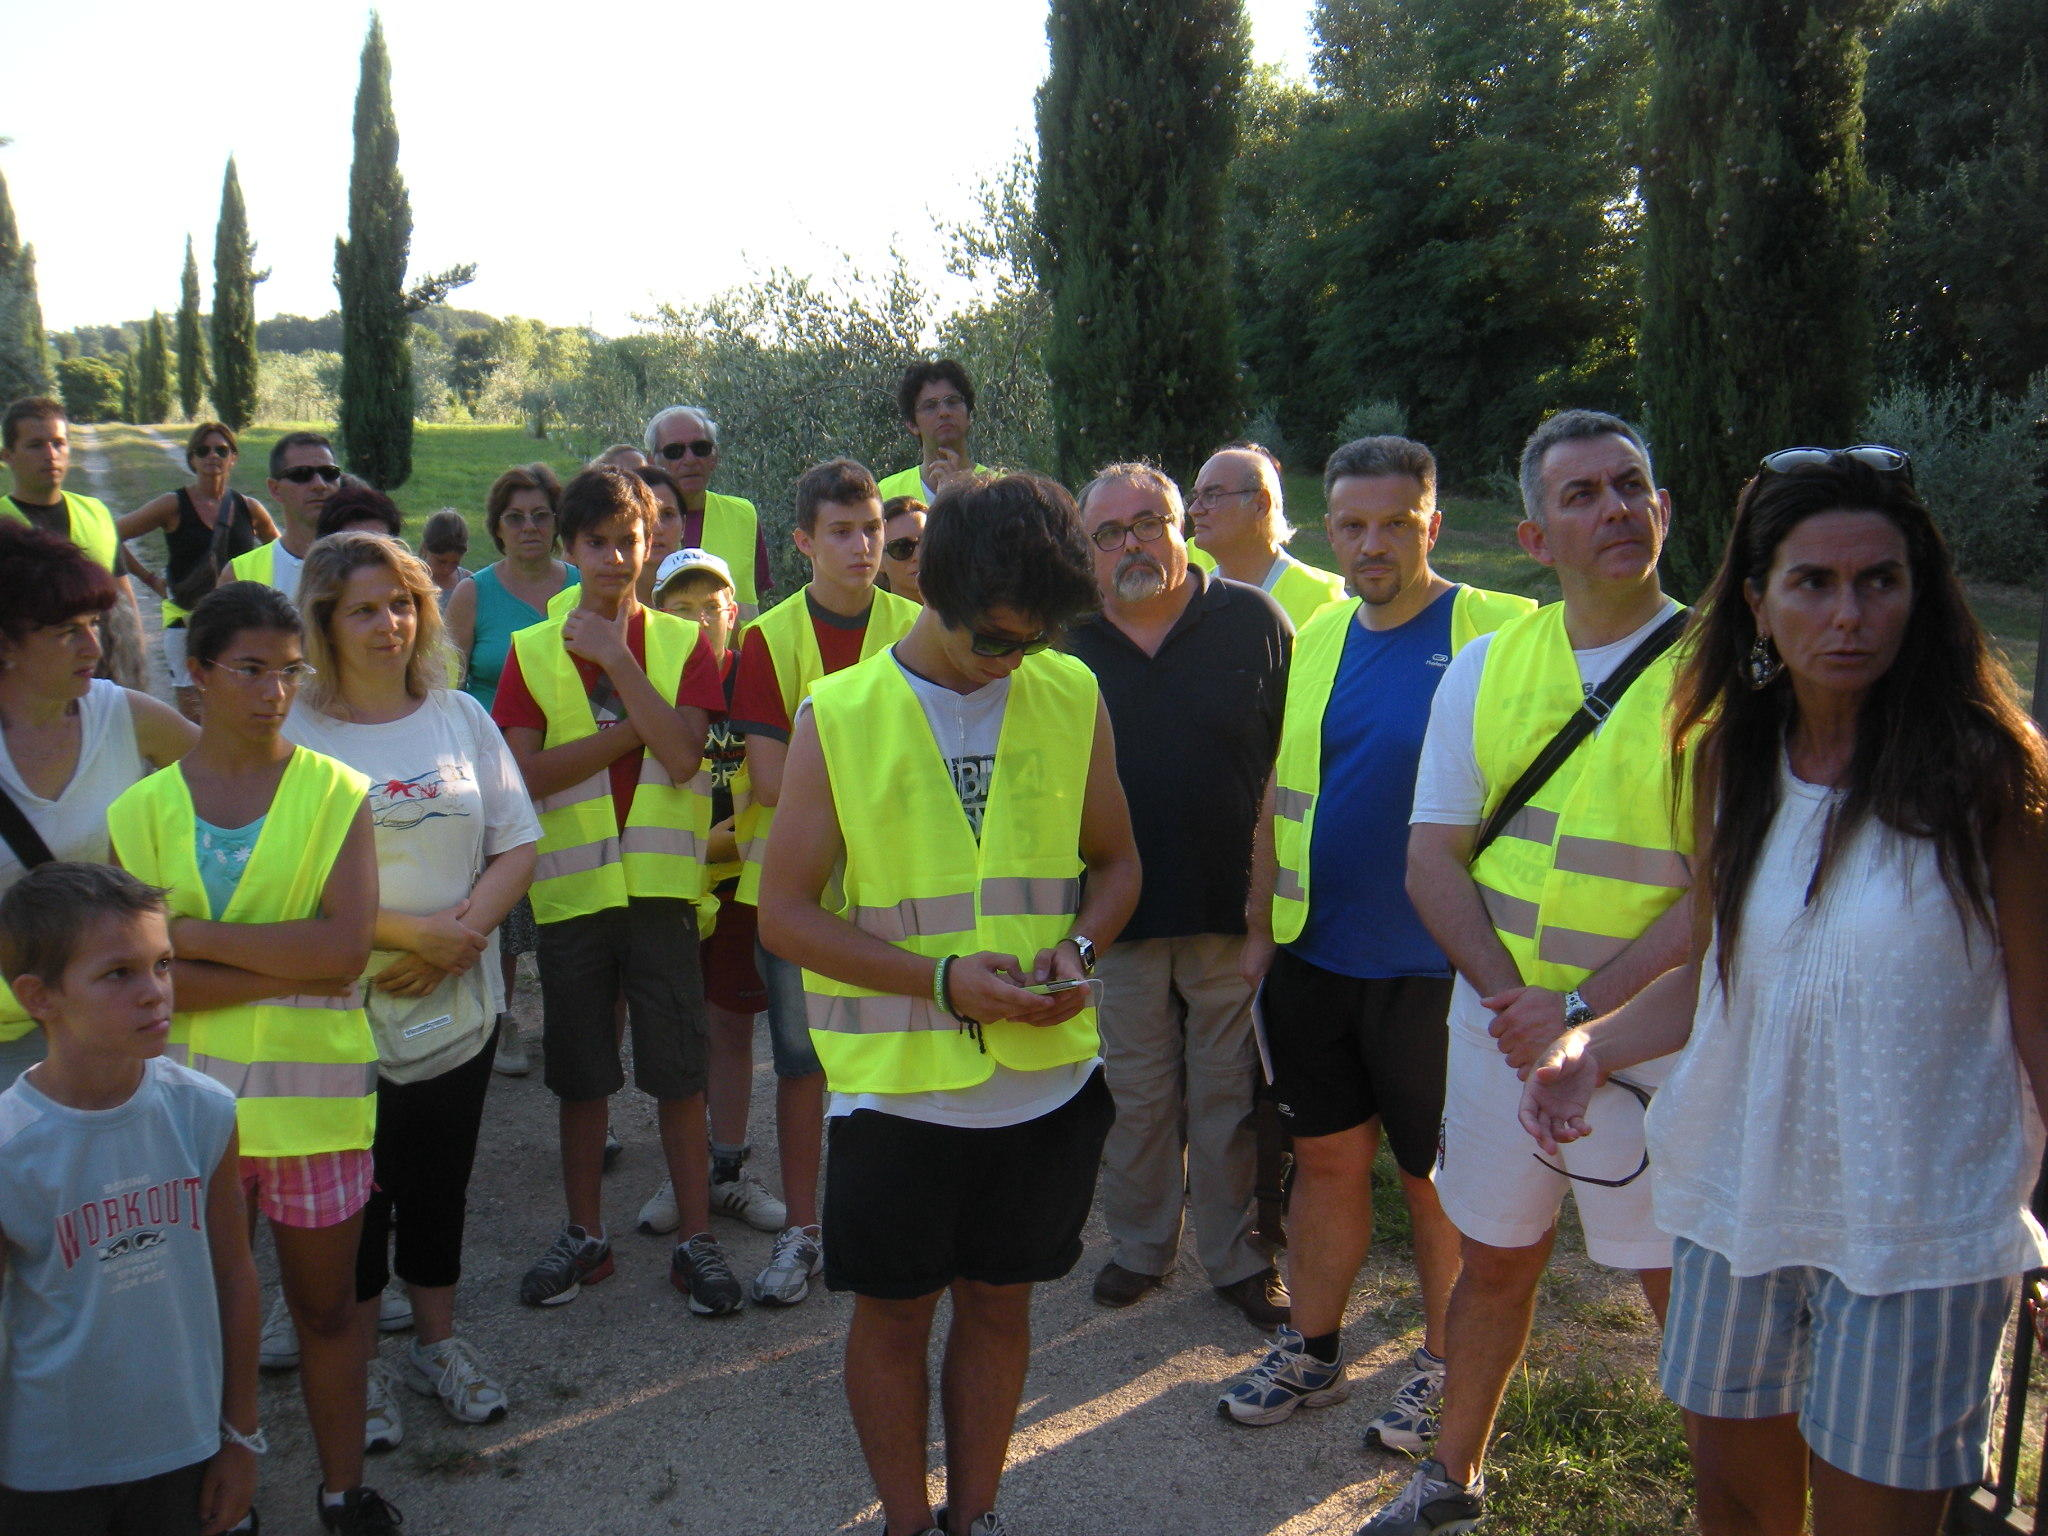 2013 07 31 10000 passi S Giorgio c Turco gruppo nel verde